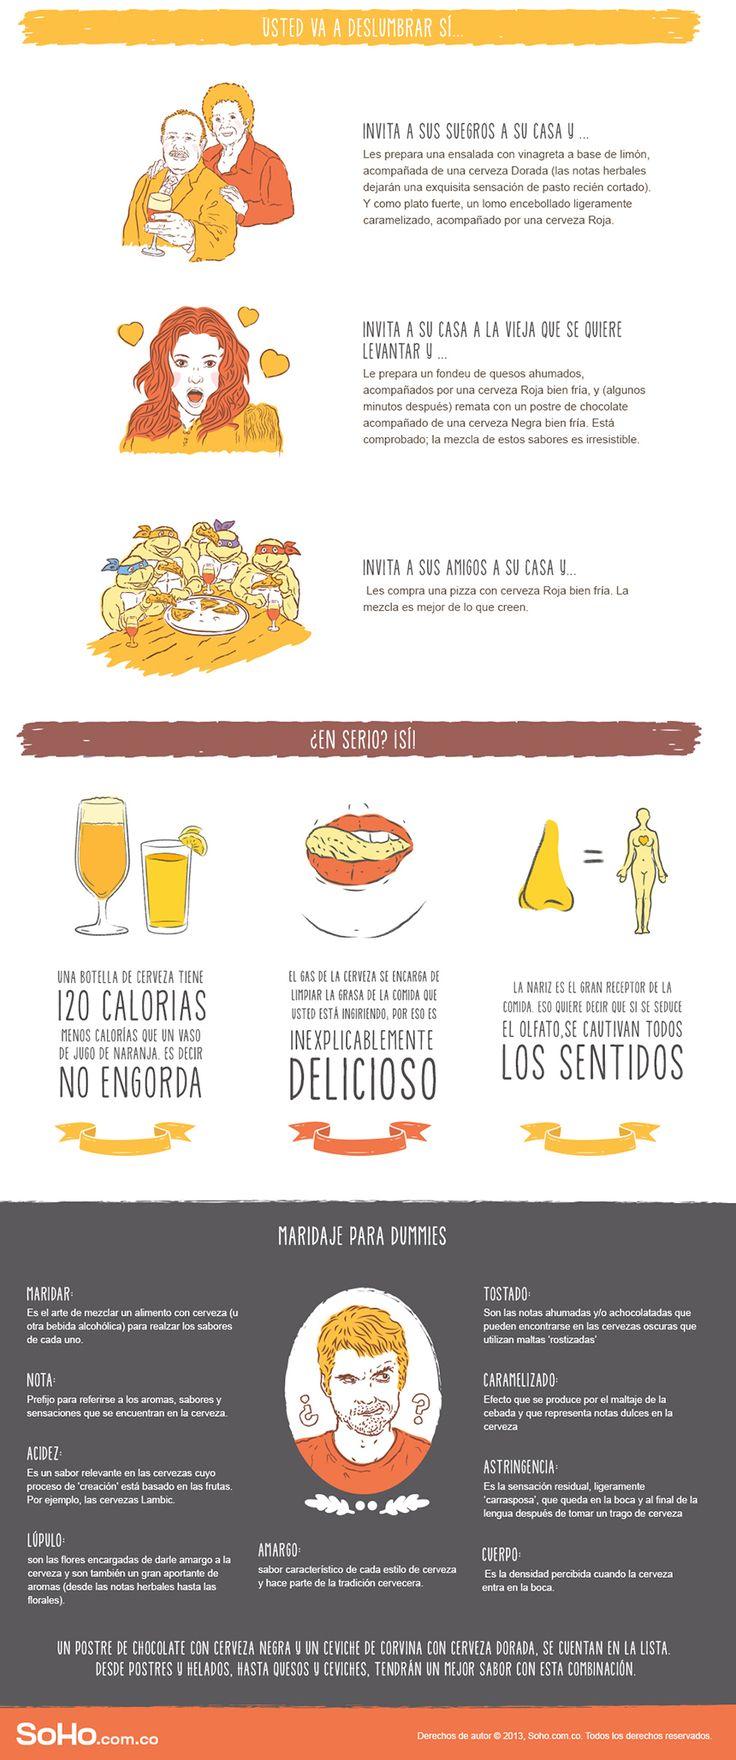 Soho - Club Colombia   Ilustraciones e infografía sobre el maridaje con cerveza. Soho.com.co - Club Colombia.  2013.